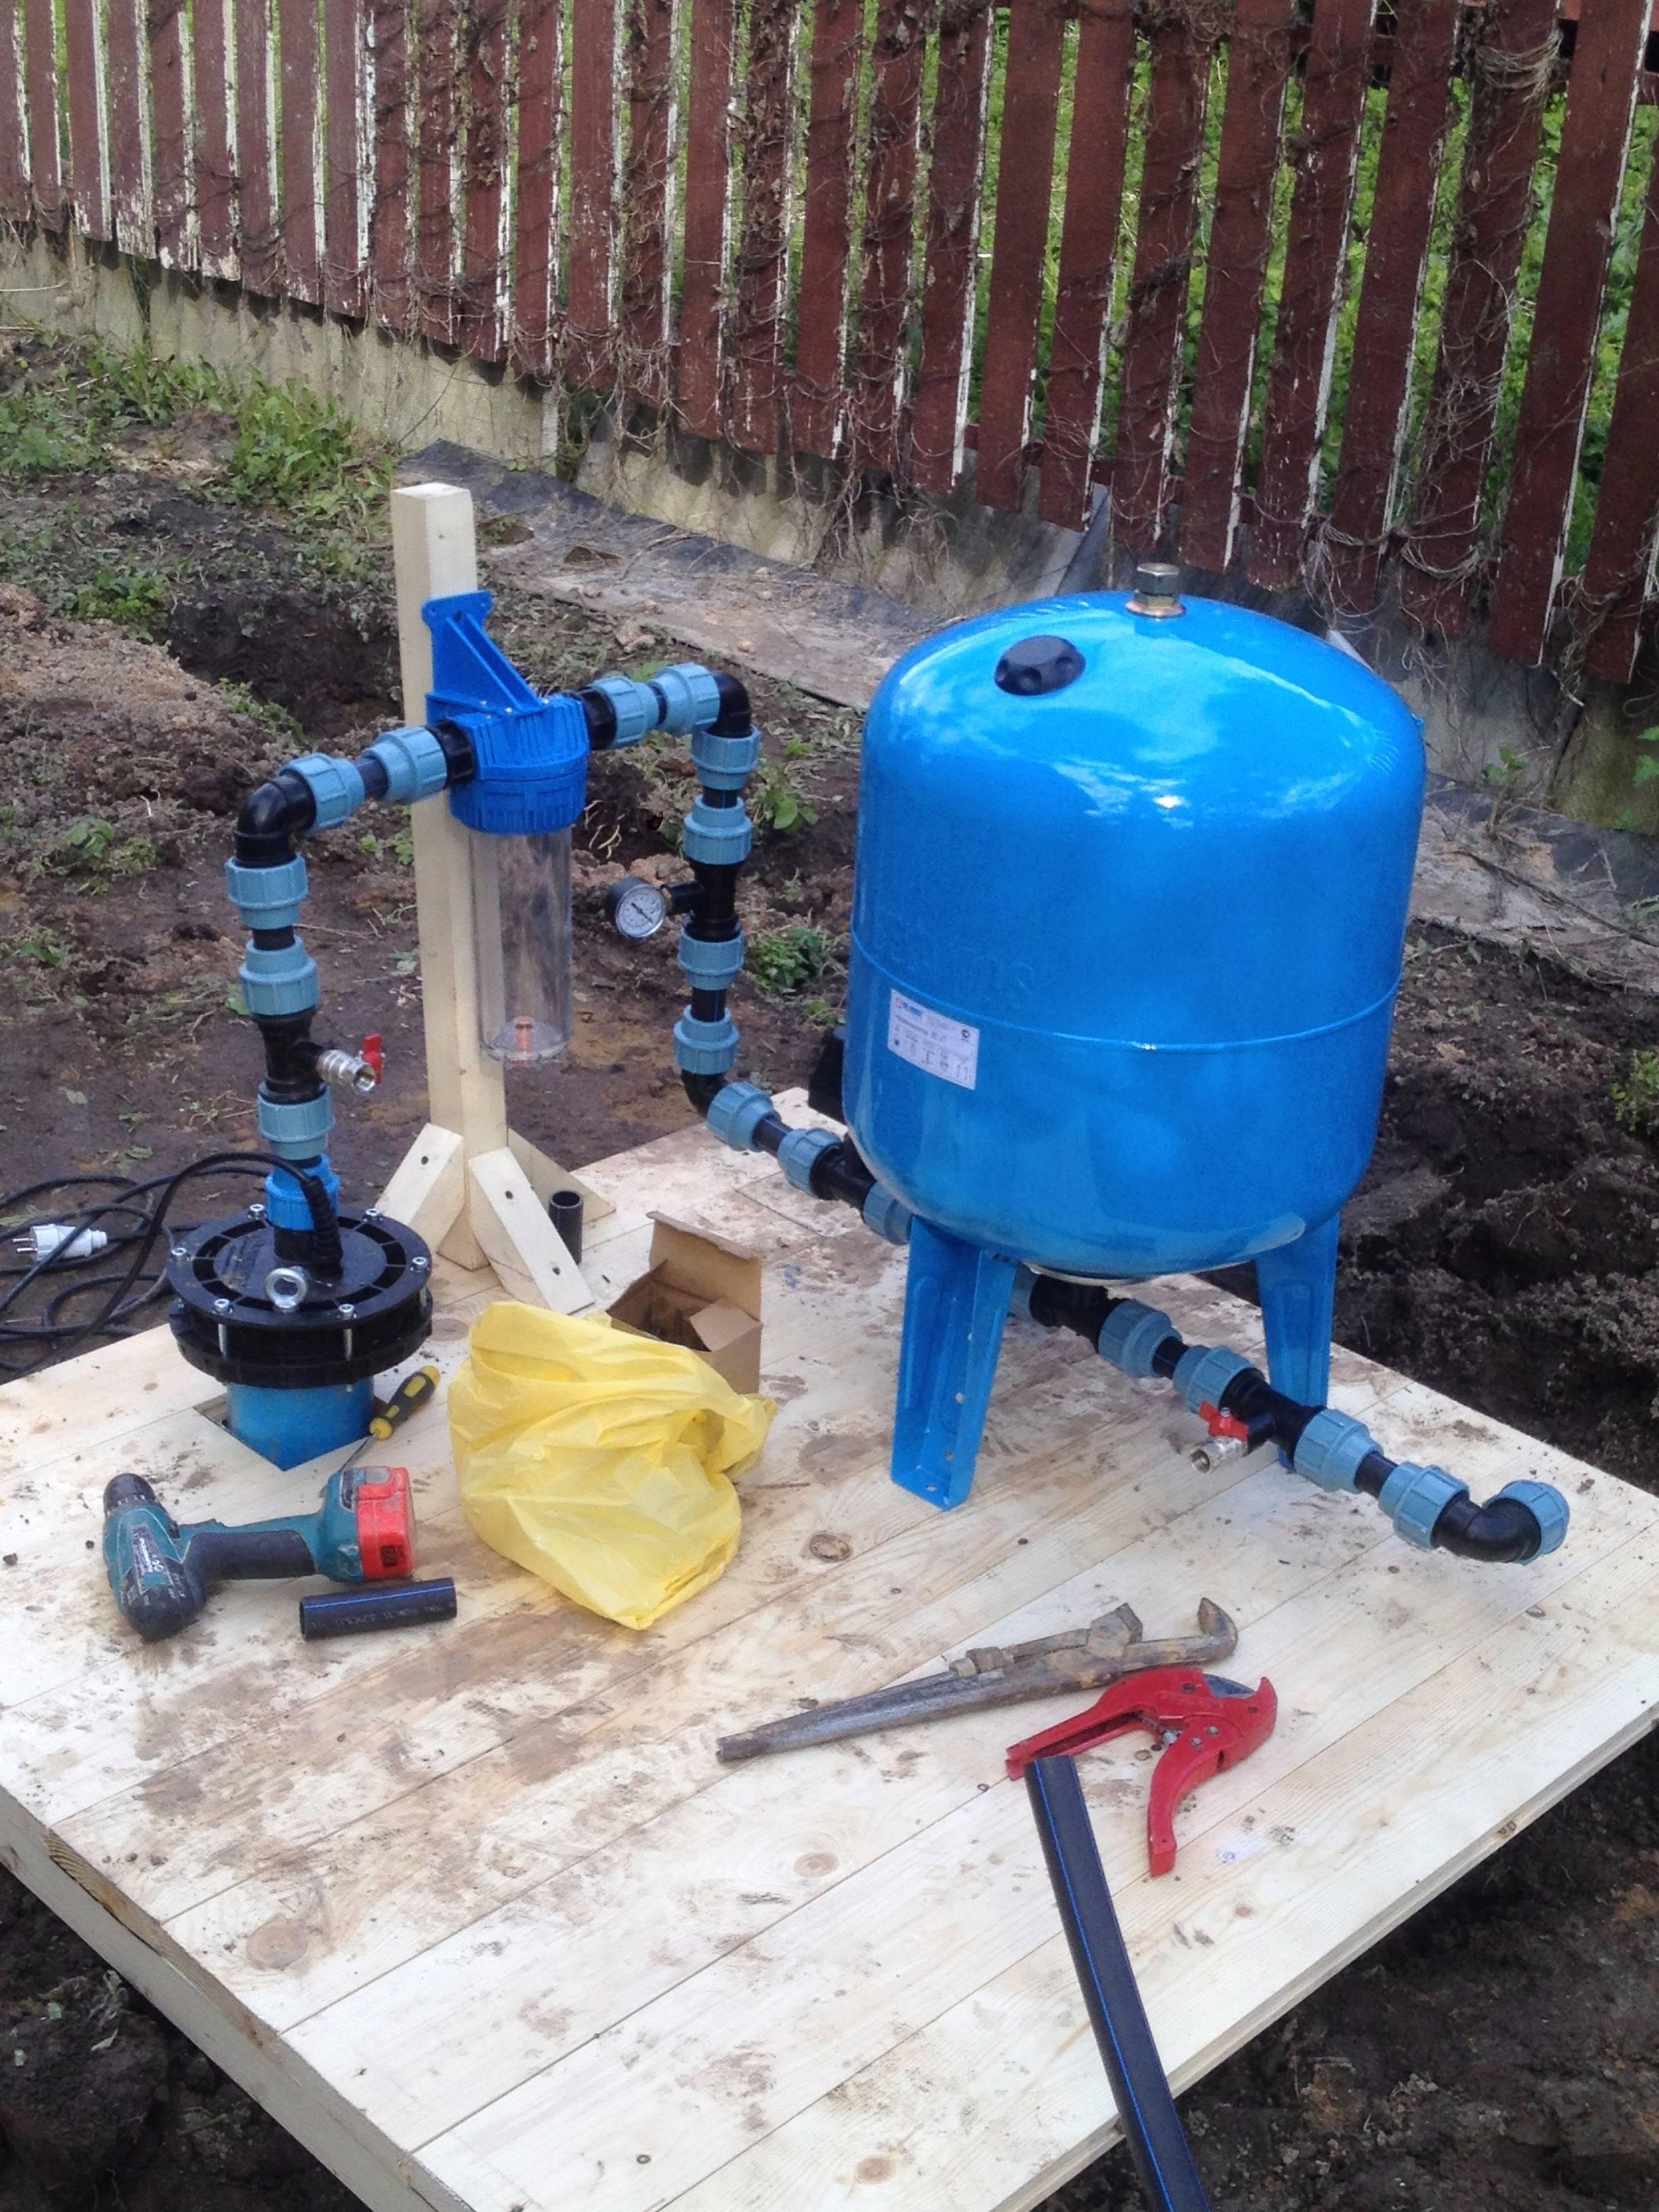 Скважины для воды - пошаговая инструкция по бурению и обустройству своими руками